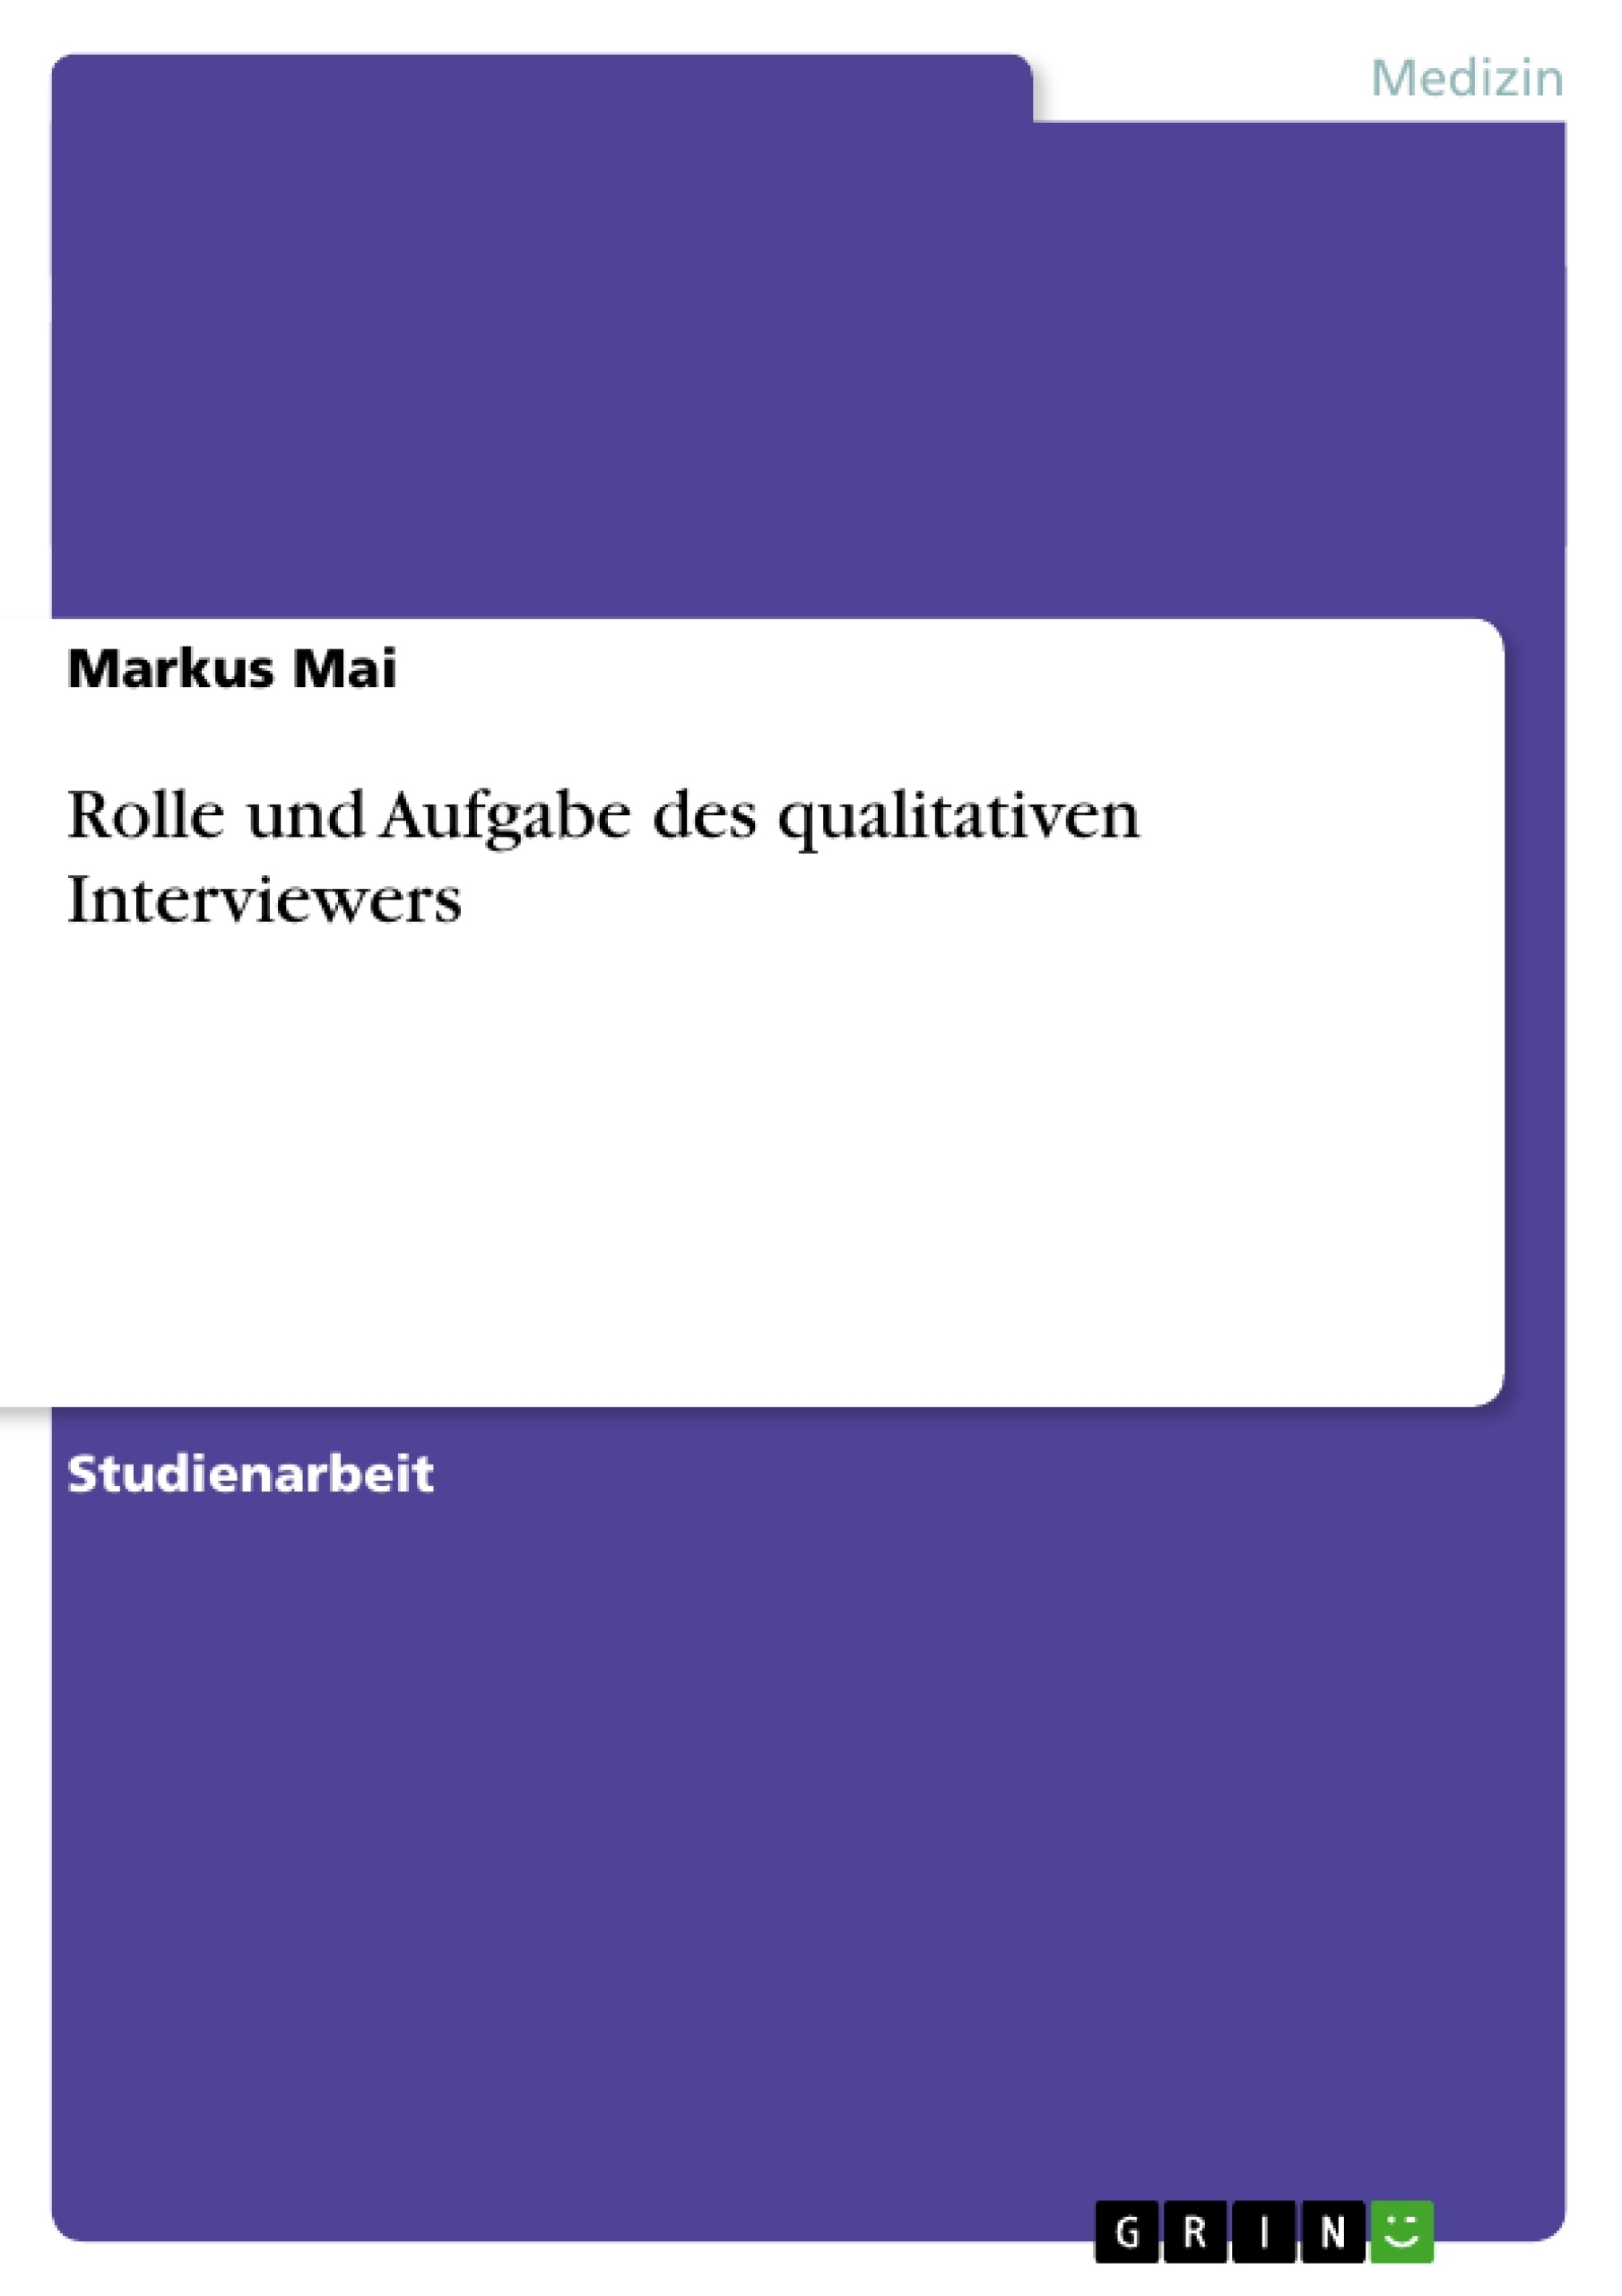 Titel: Rolle und Aufgabe des qualitativen Interviewers